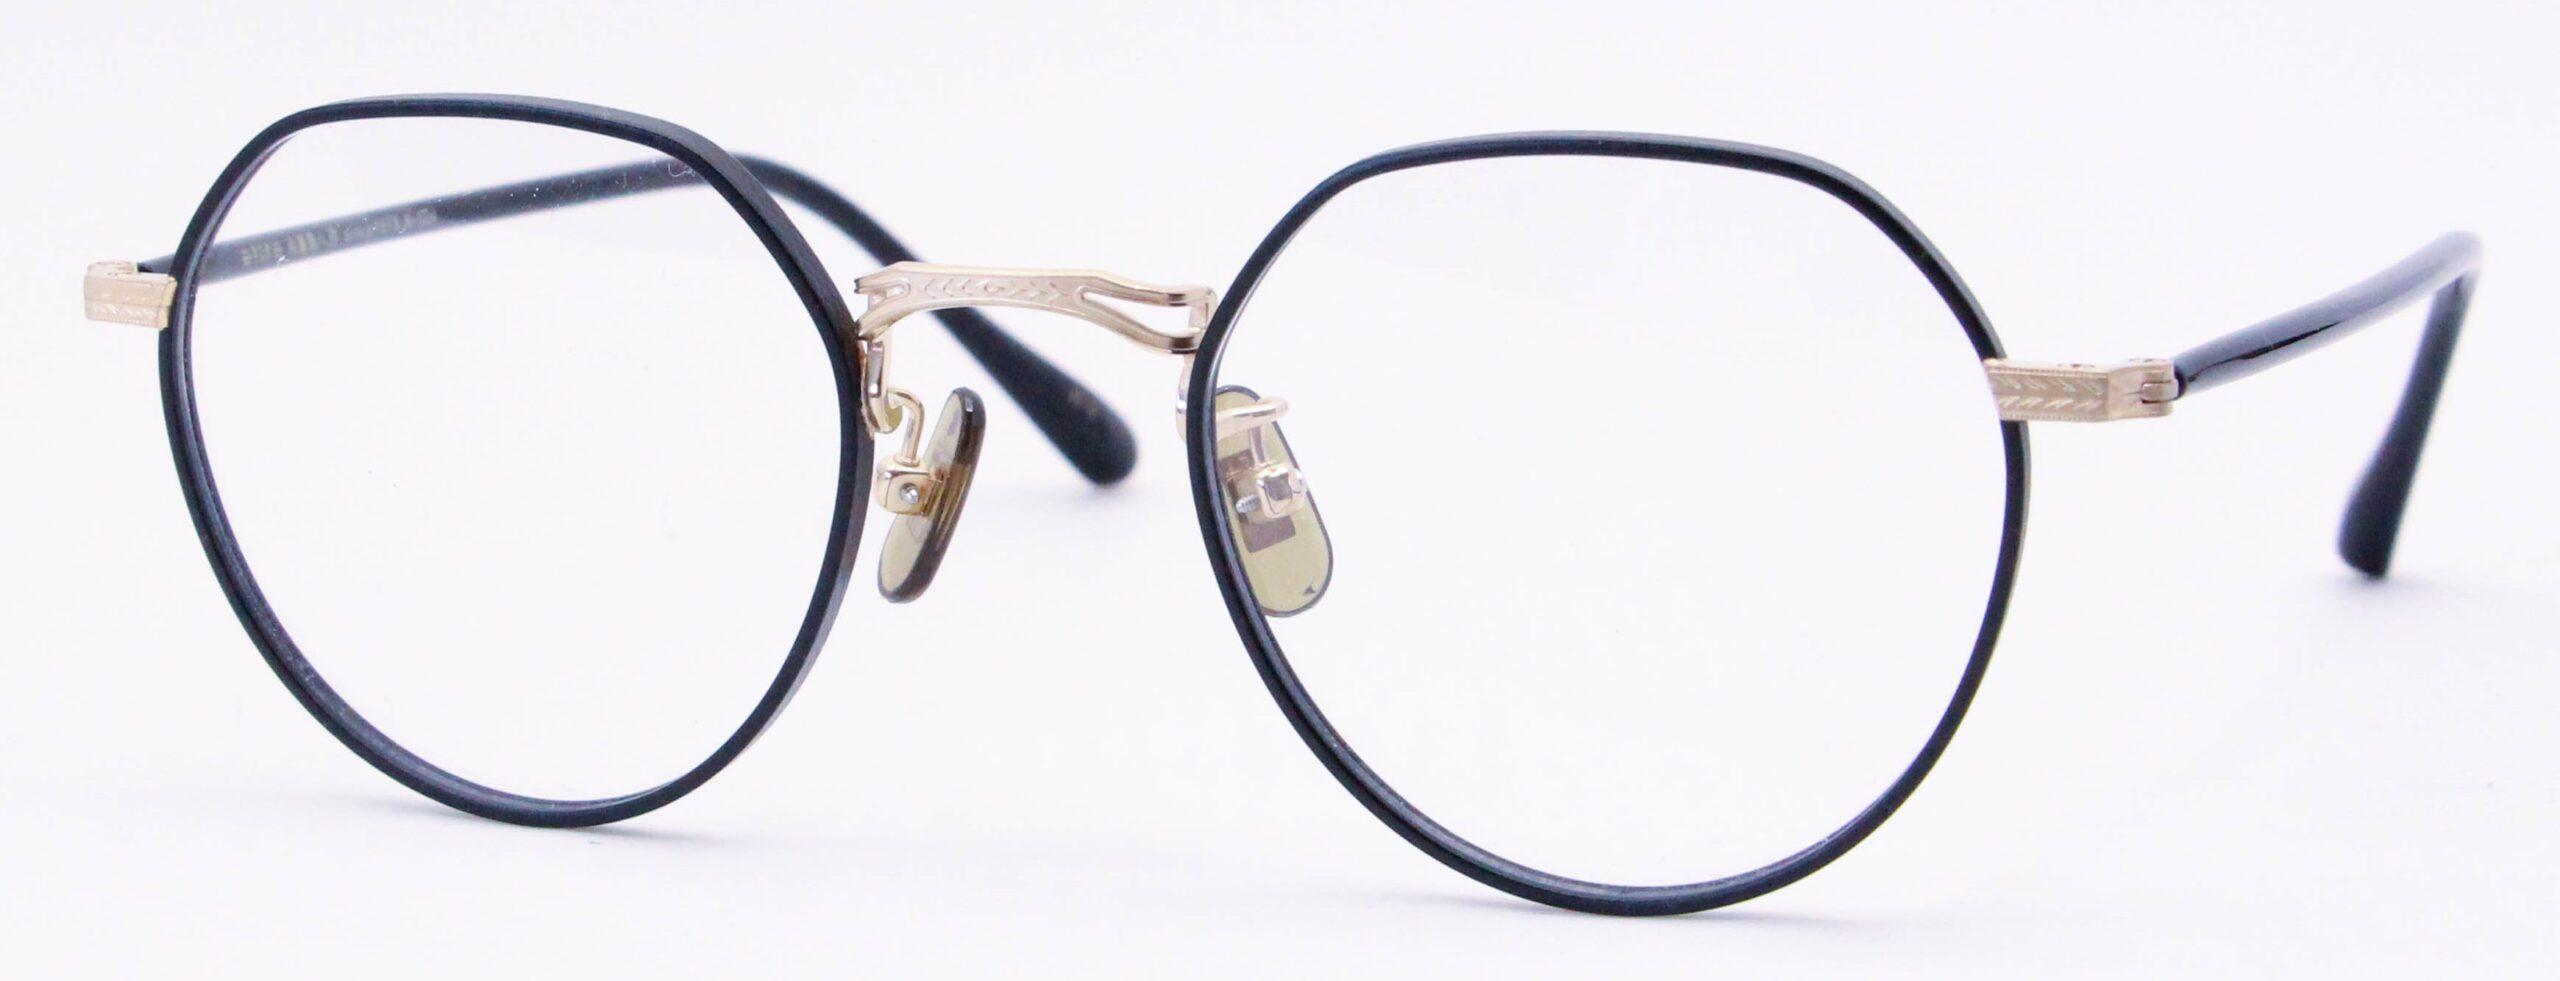 眼鏡のカラータイプC-1 Black-Matt/Gold